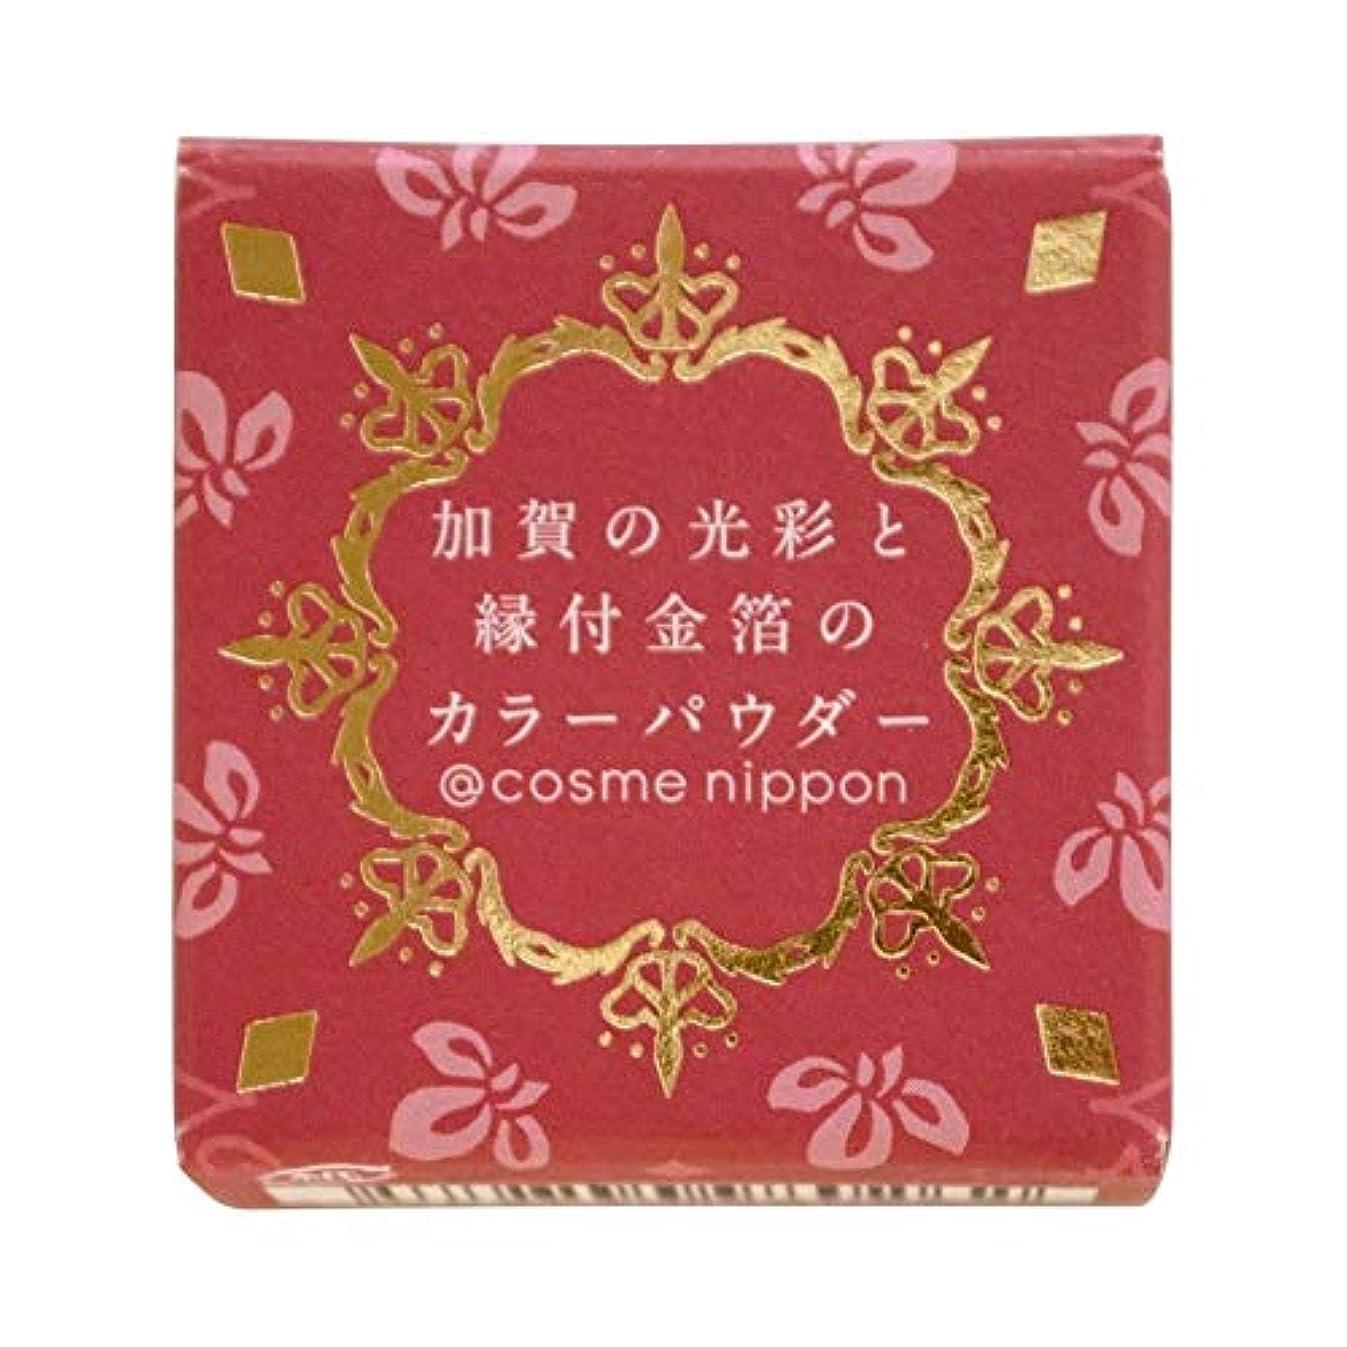 強風スープナイトスポット友禅工芸 すずらん加賀の光彩と縁付け金箔のカラーパウダー02臙脂えんじ